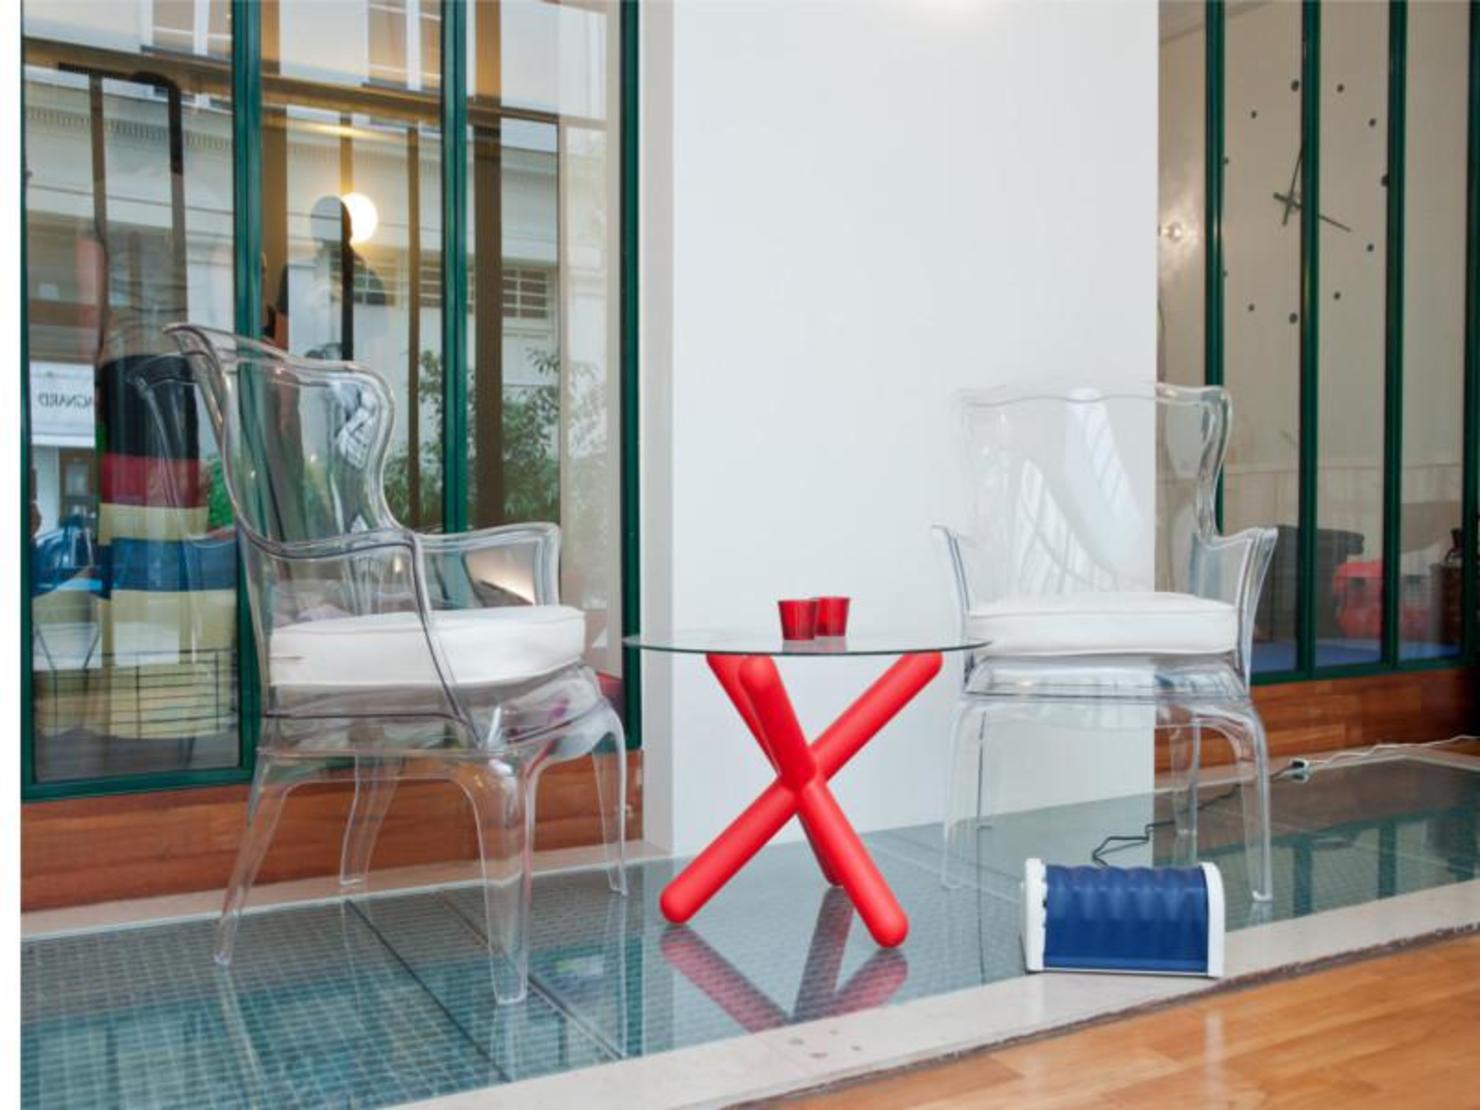 yazen paris tarifs avis horaires offre d couverte. Black Bedroom Furniture Sets. Home Design Ideas